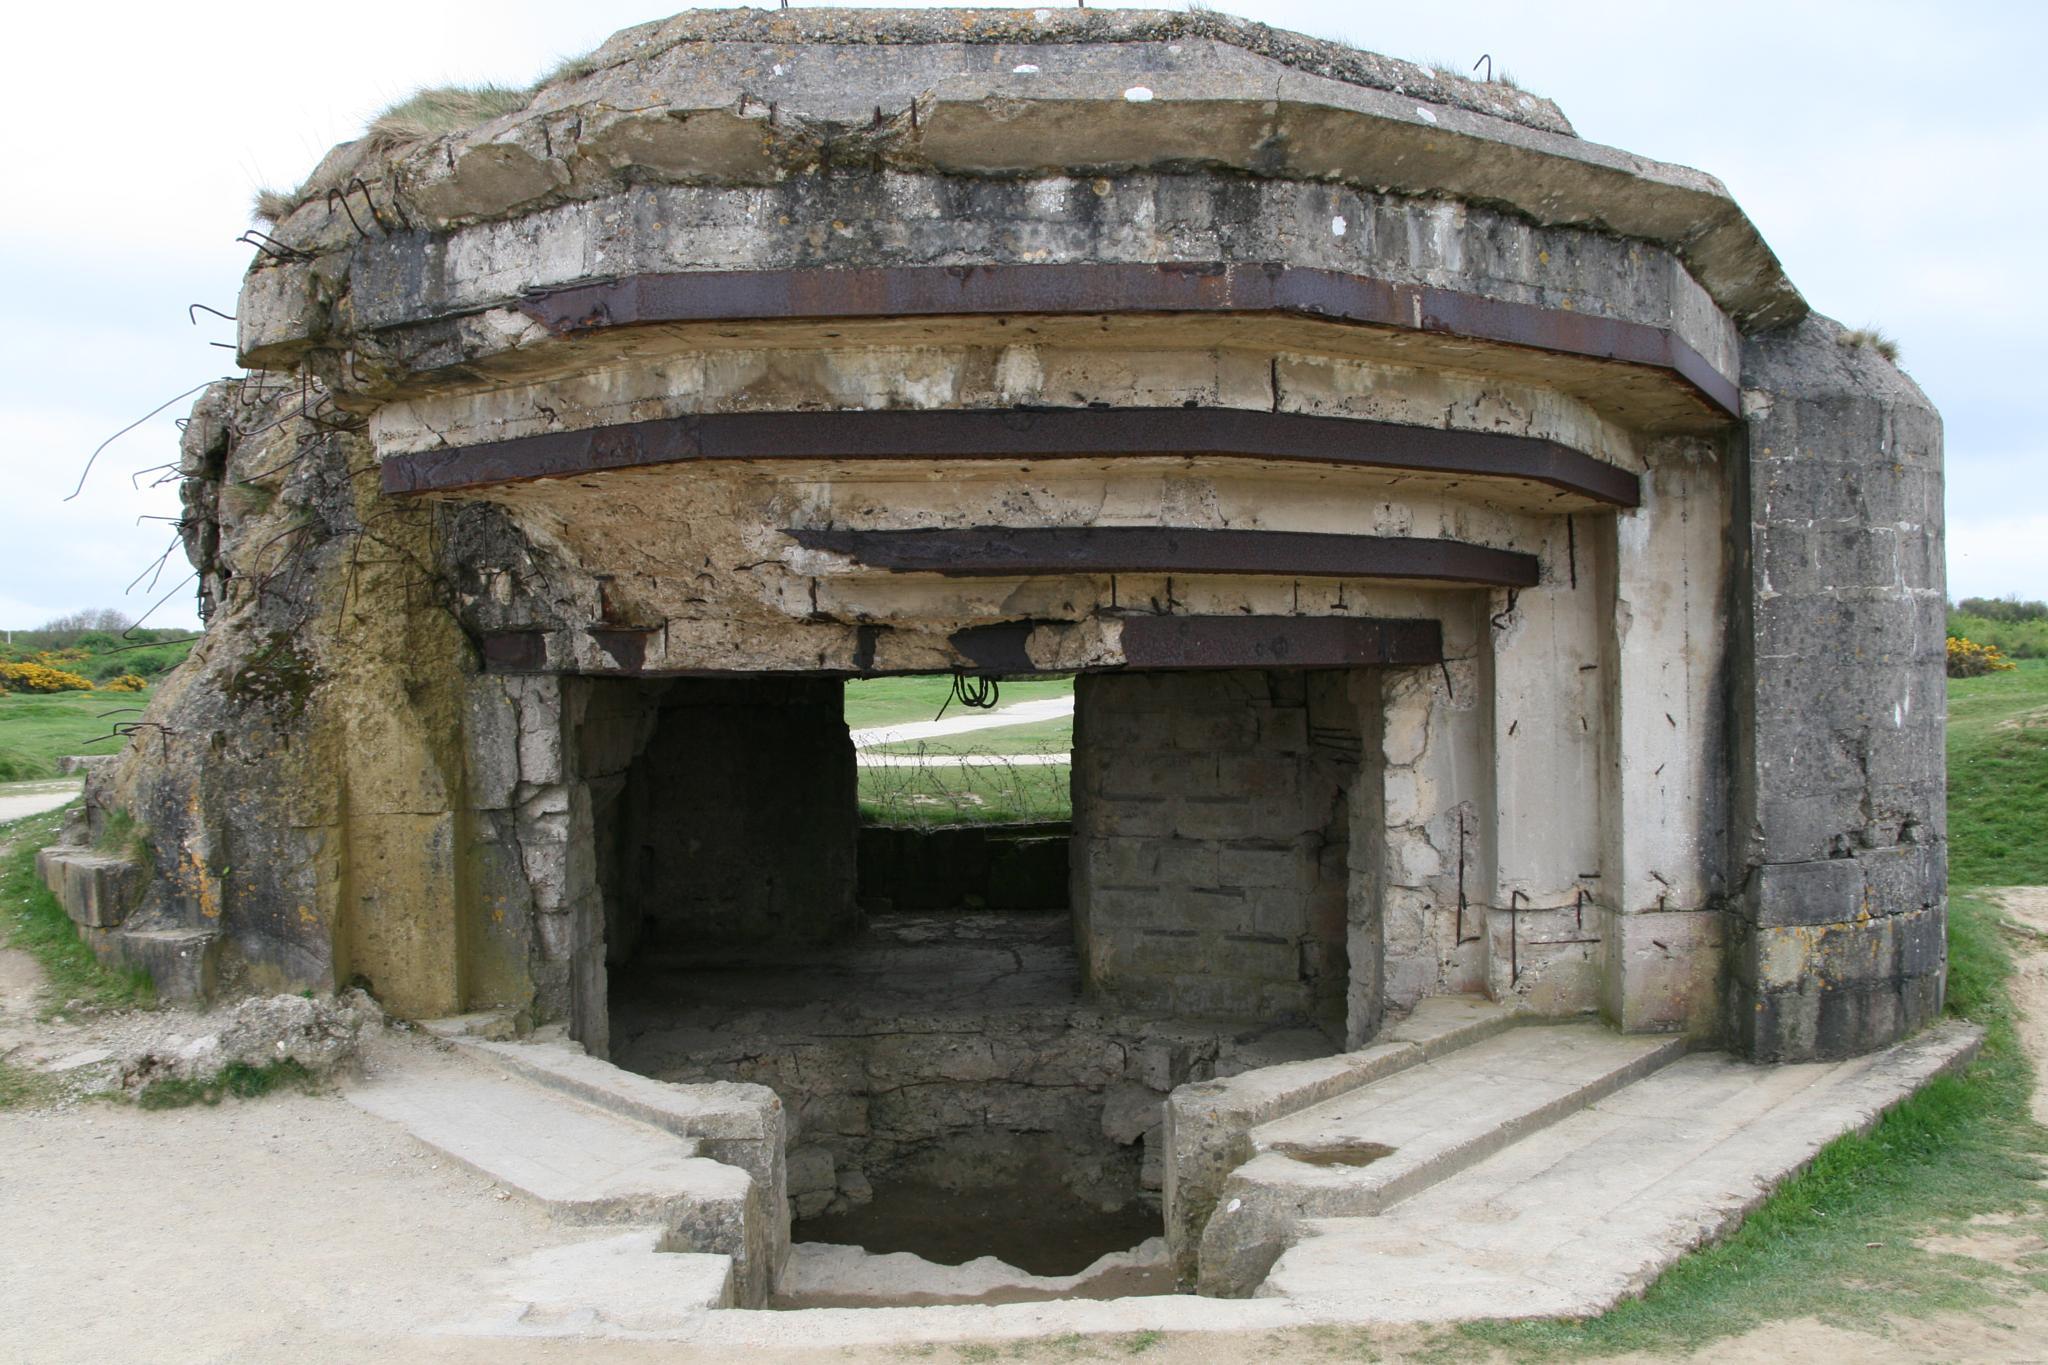 A bunker in Normandie by helen.vandenbroek.9